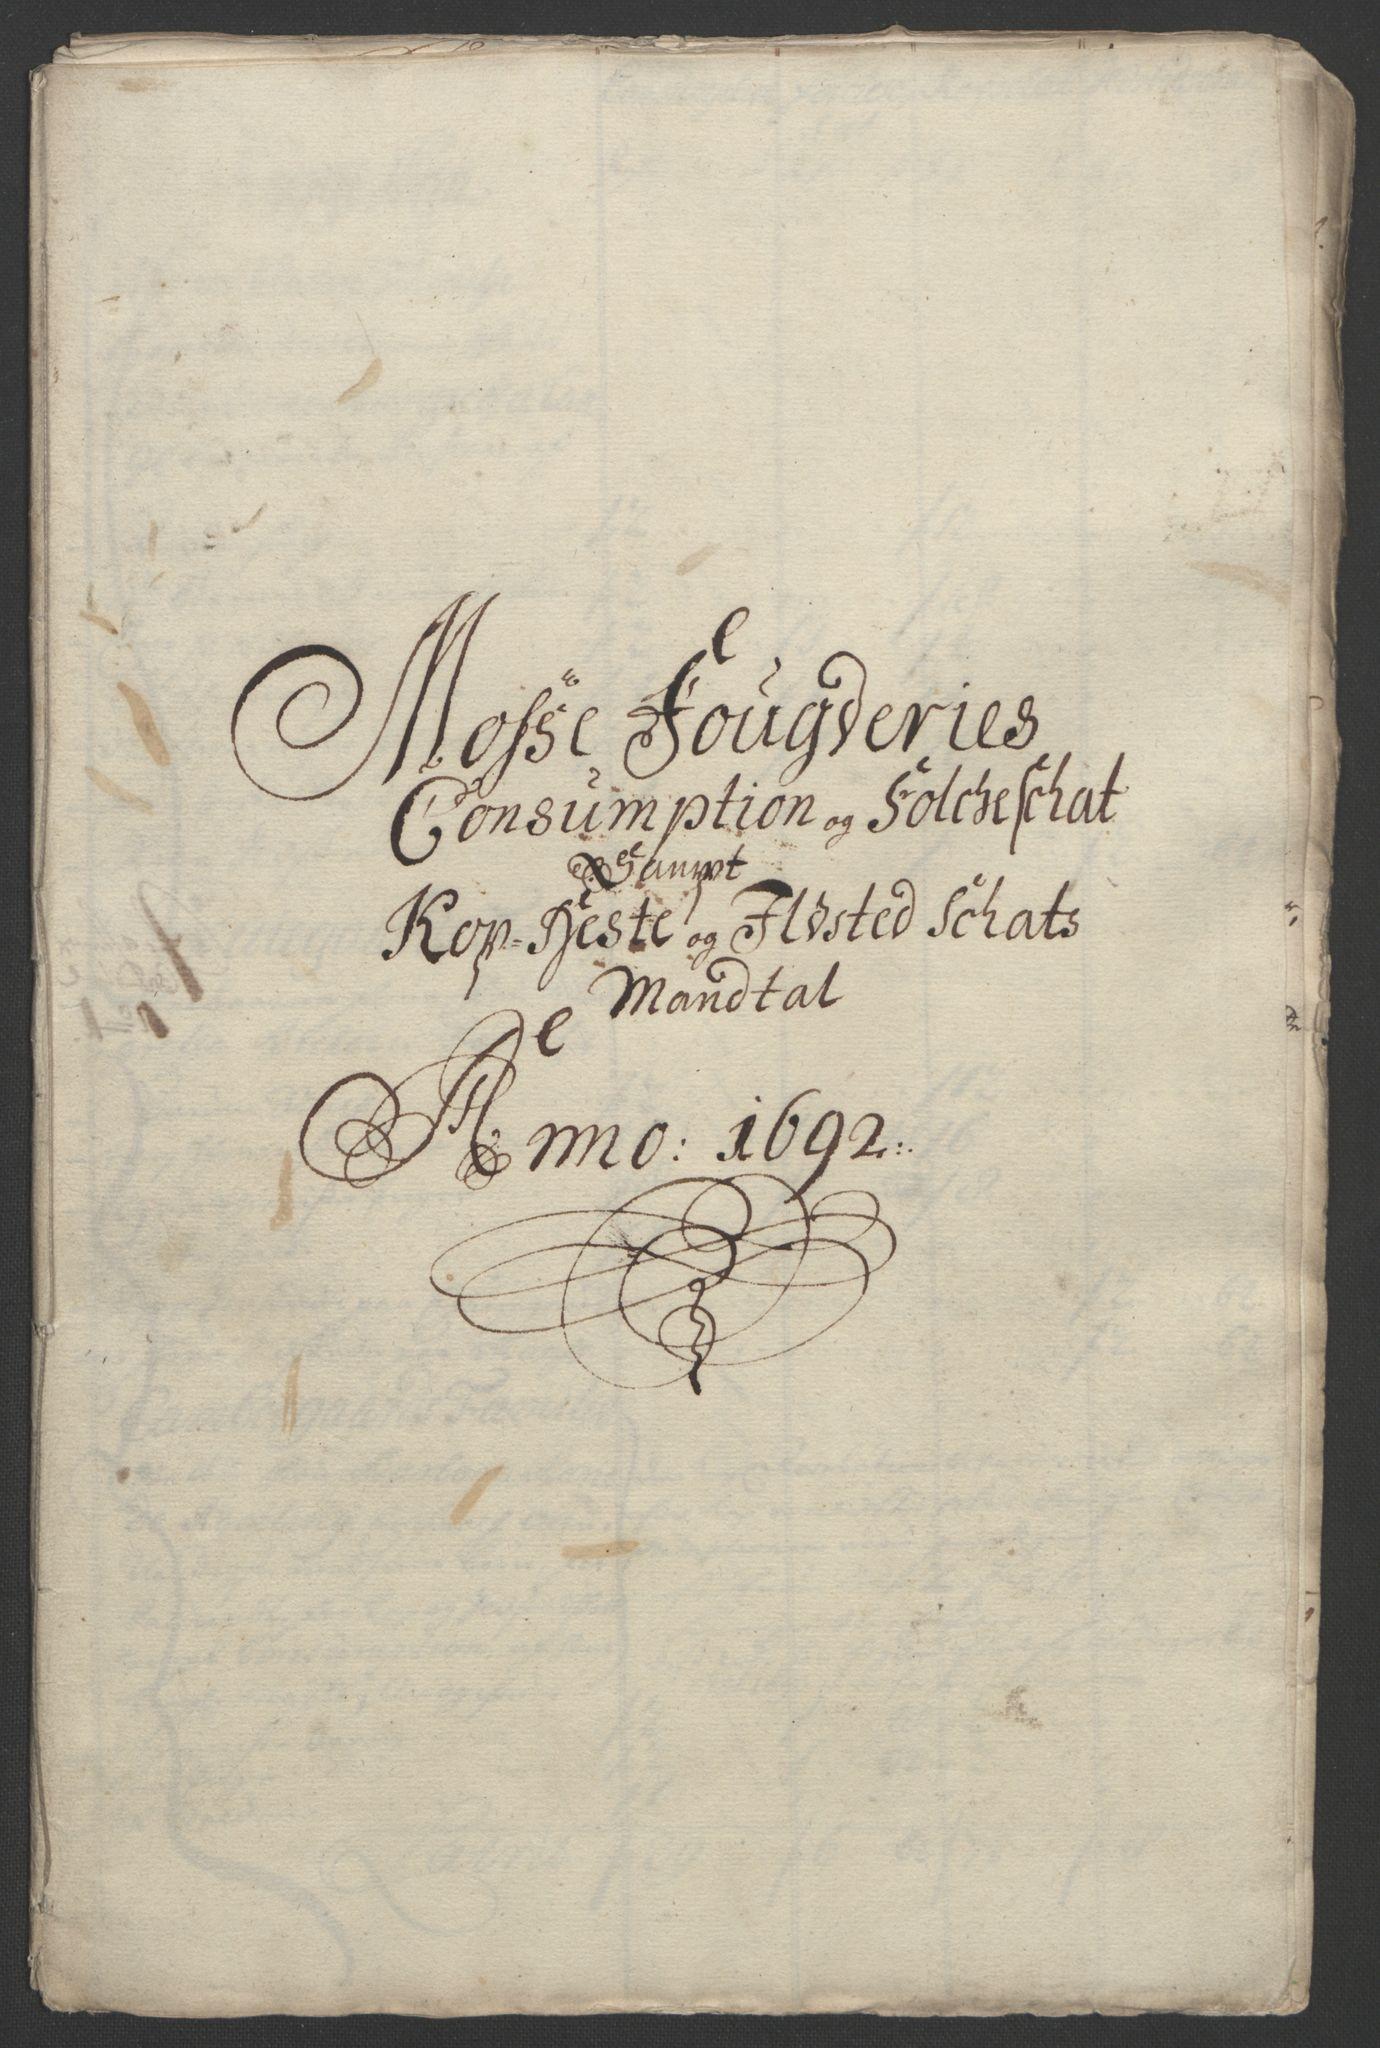 RA, Rentekammeret inntil 1814, Reviderte regnskaper, Fogderegnskap, R02/L0108: Fogderegnskap Moss og Verne kloster, 1692-1693, s. 142